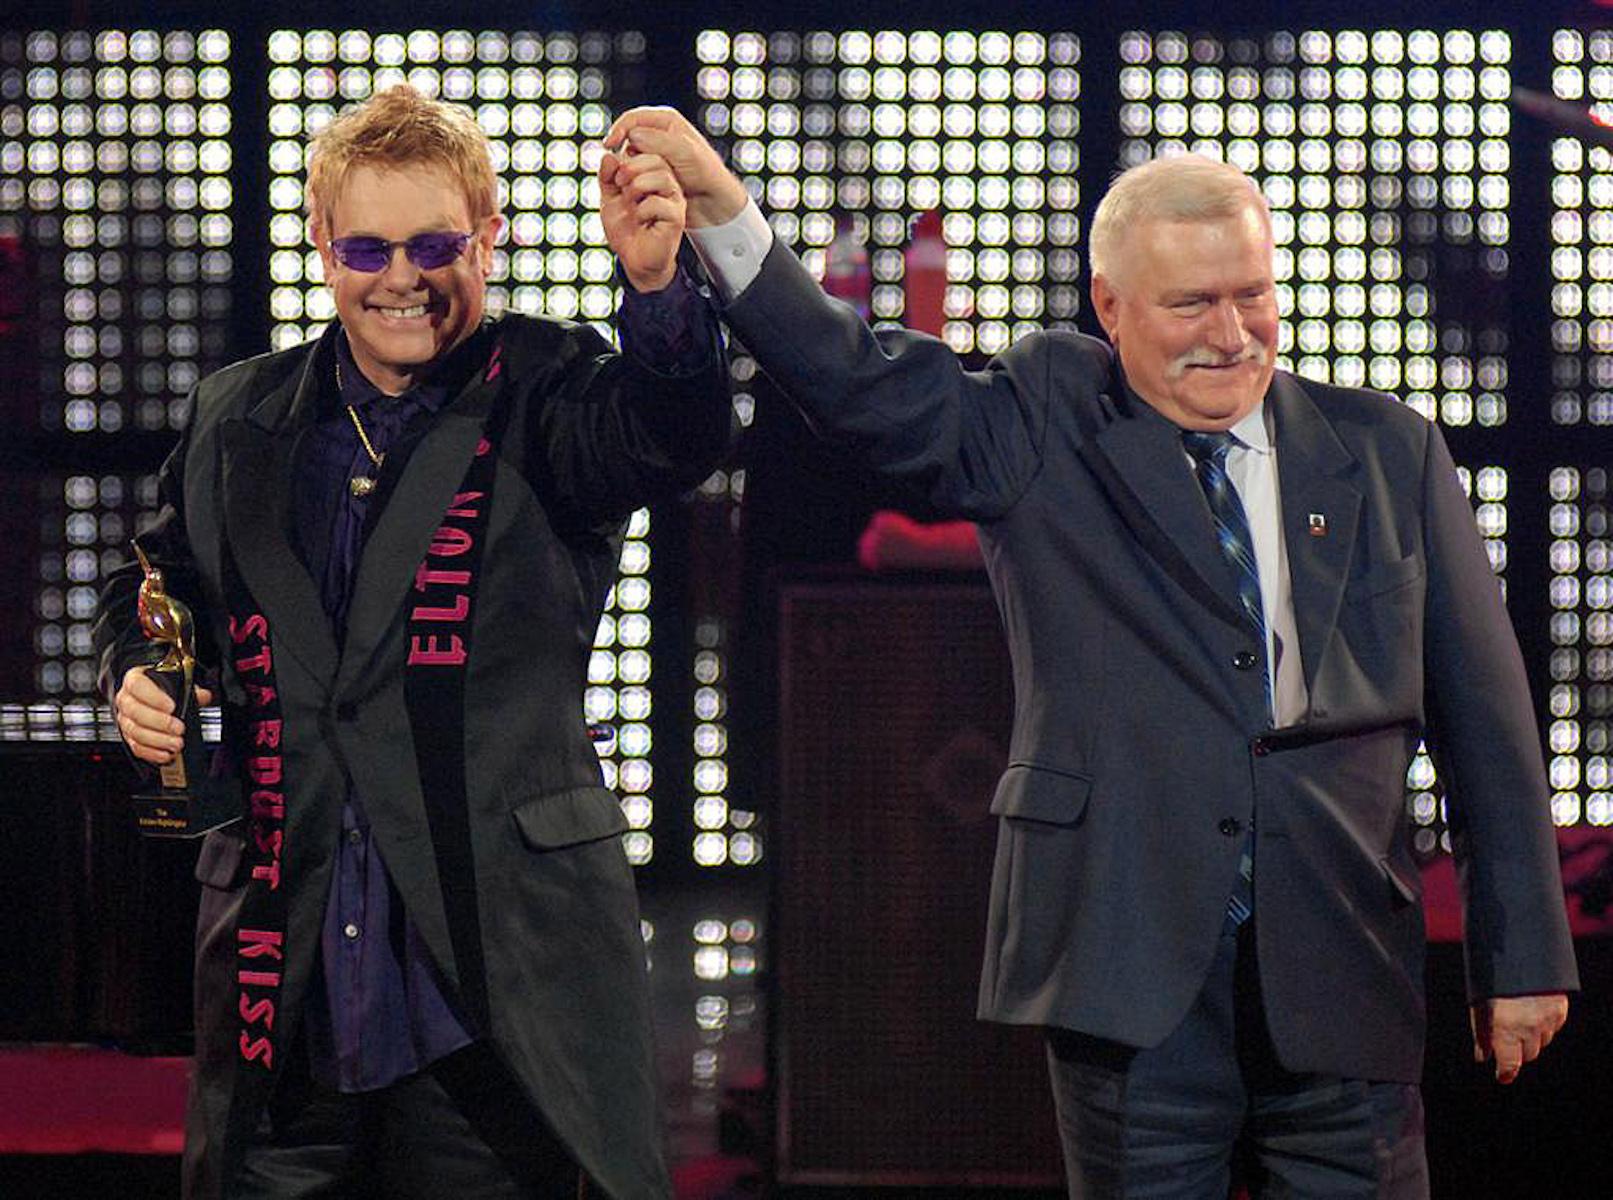 Piosenkarz Elton John i były prezydent RP Lech Wałęsa podczas festiwalu w Operze Leśnej w Sopocie.